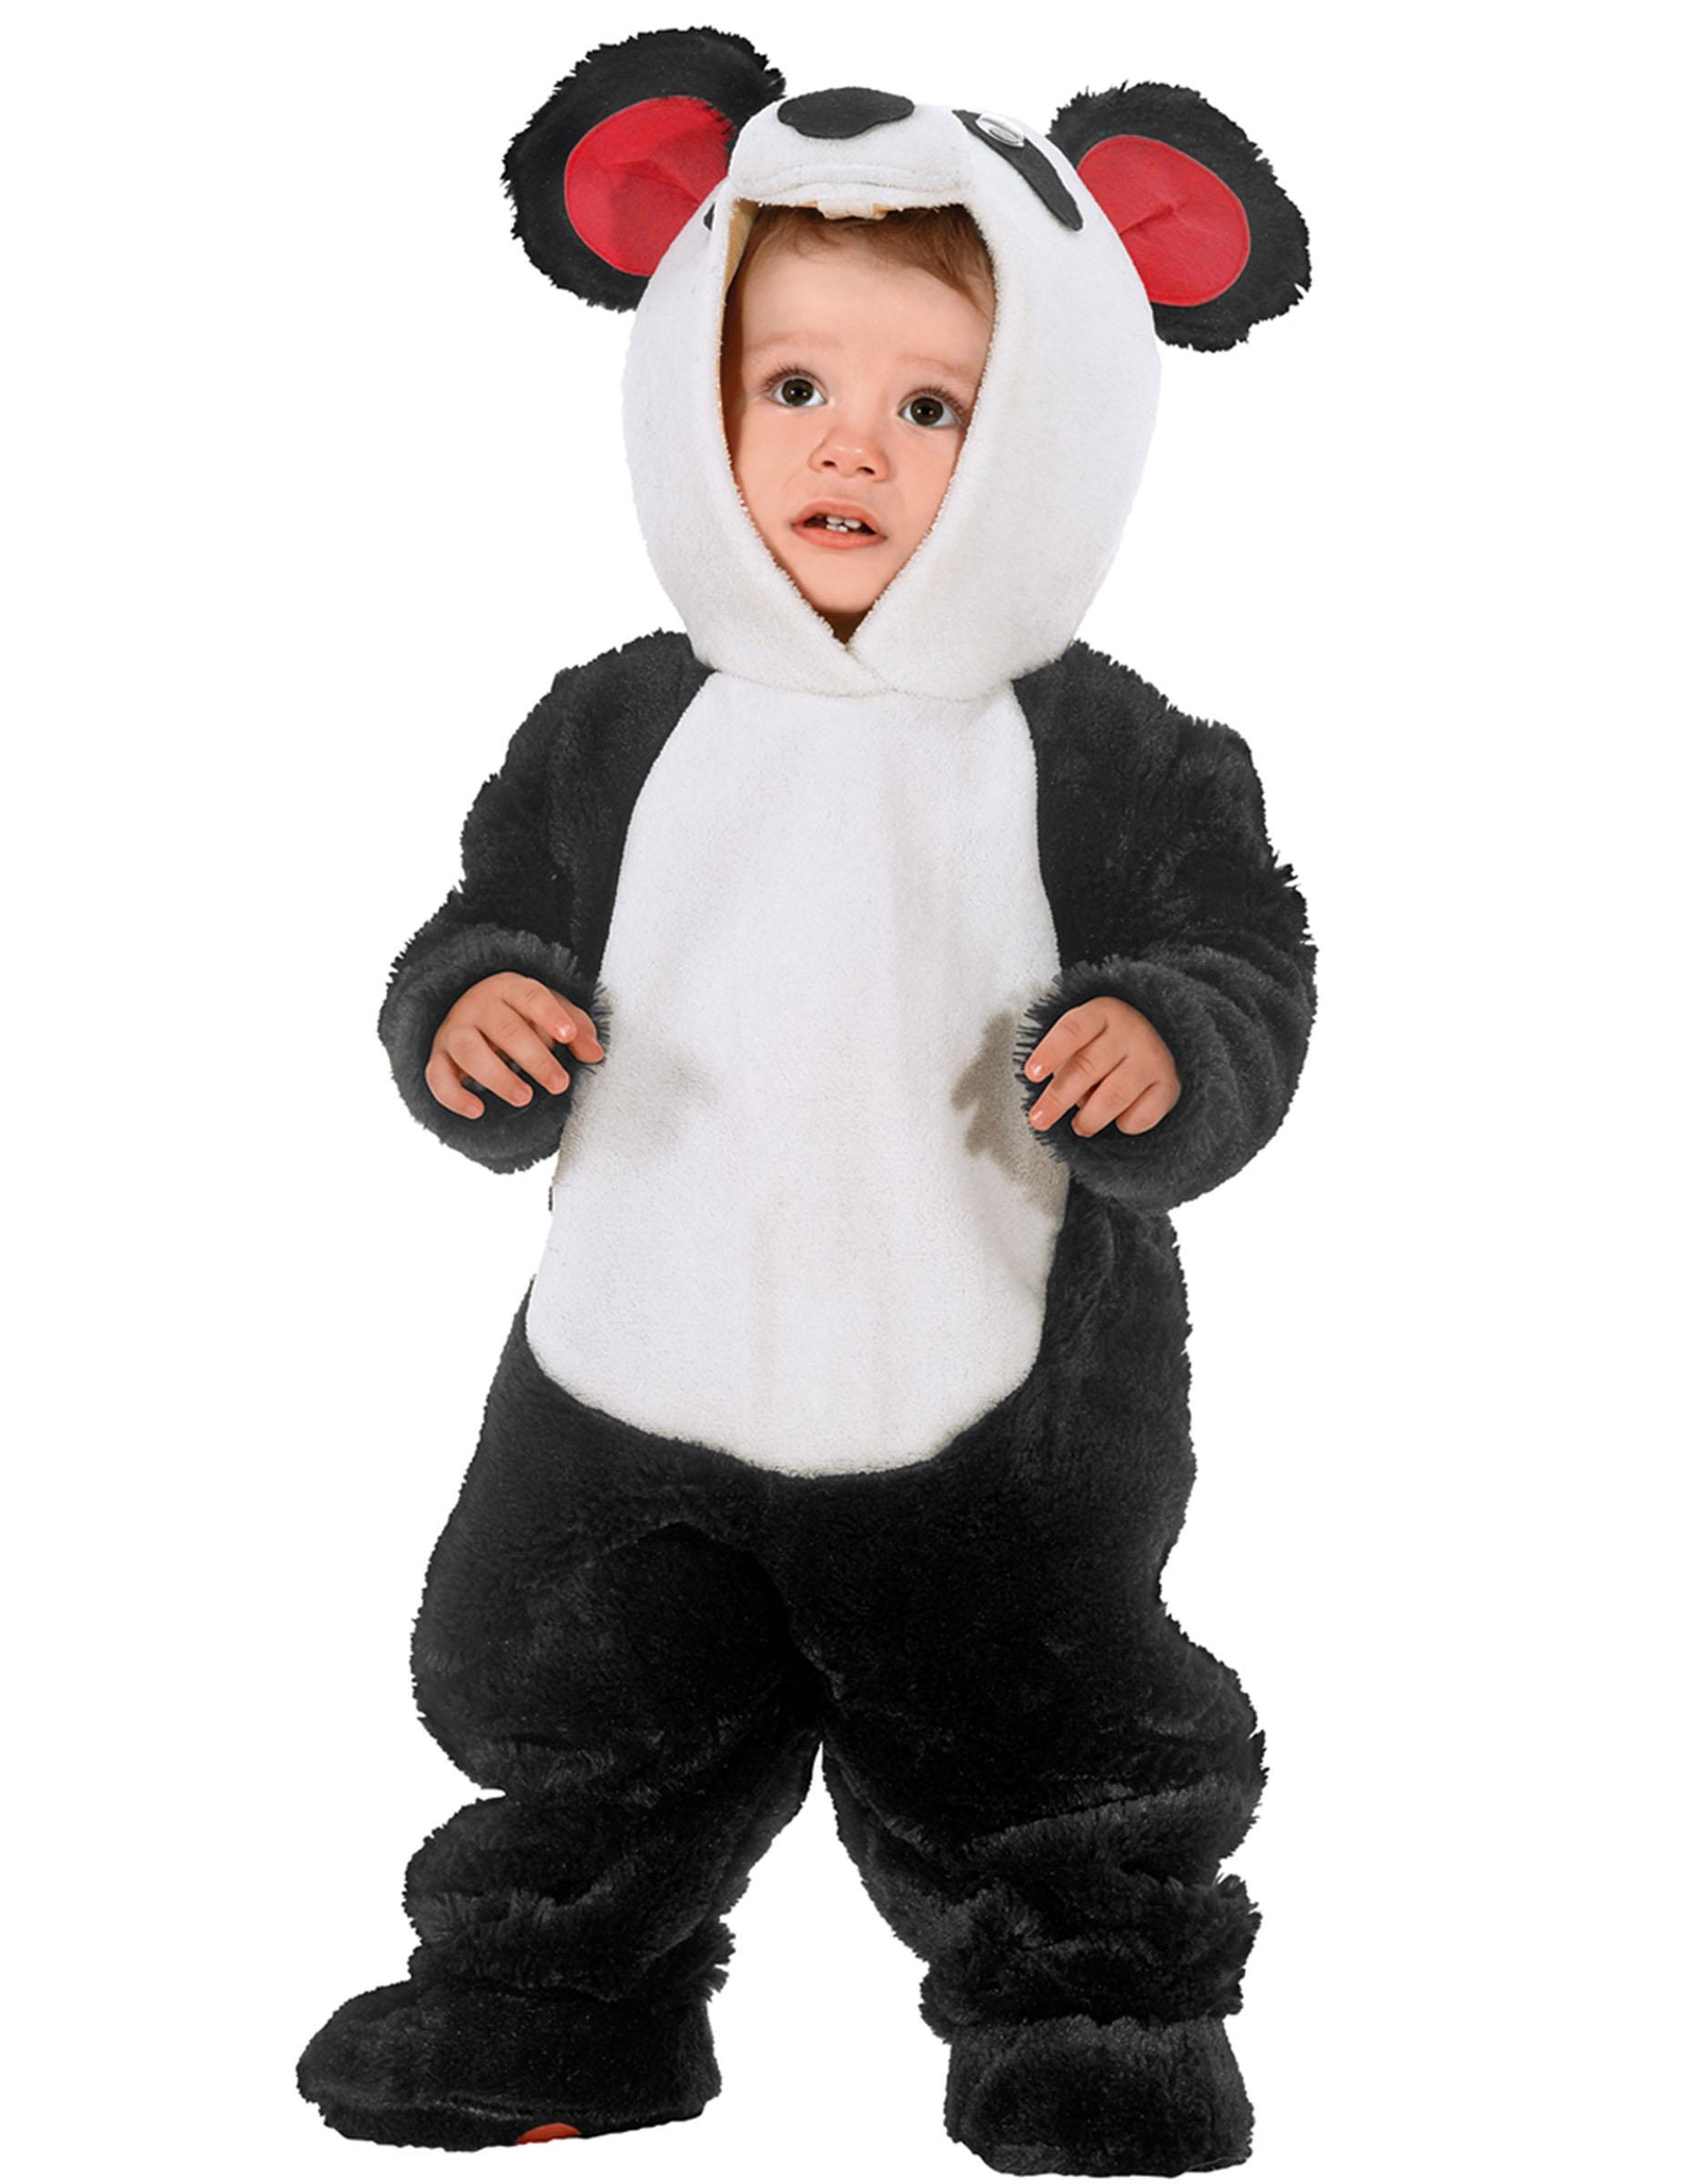 disfraz de oso panda beb disfraces ni os y disfraces. Black Bedroom Furniture Sets. Home Design Ideas